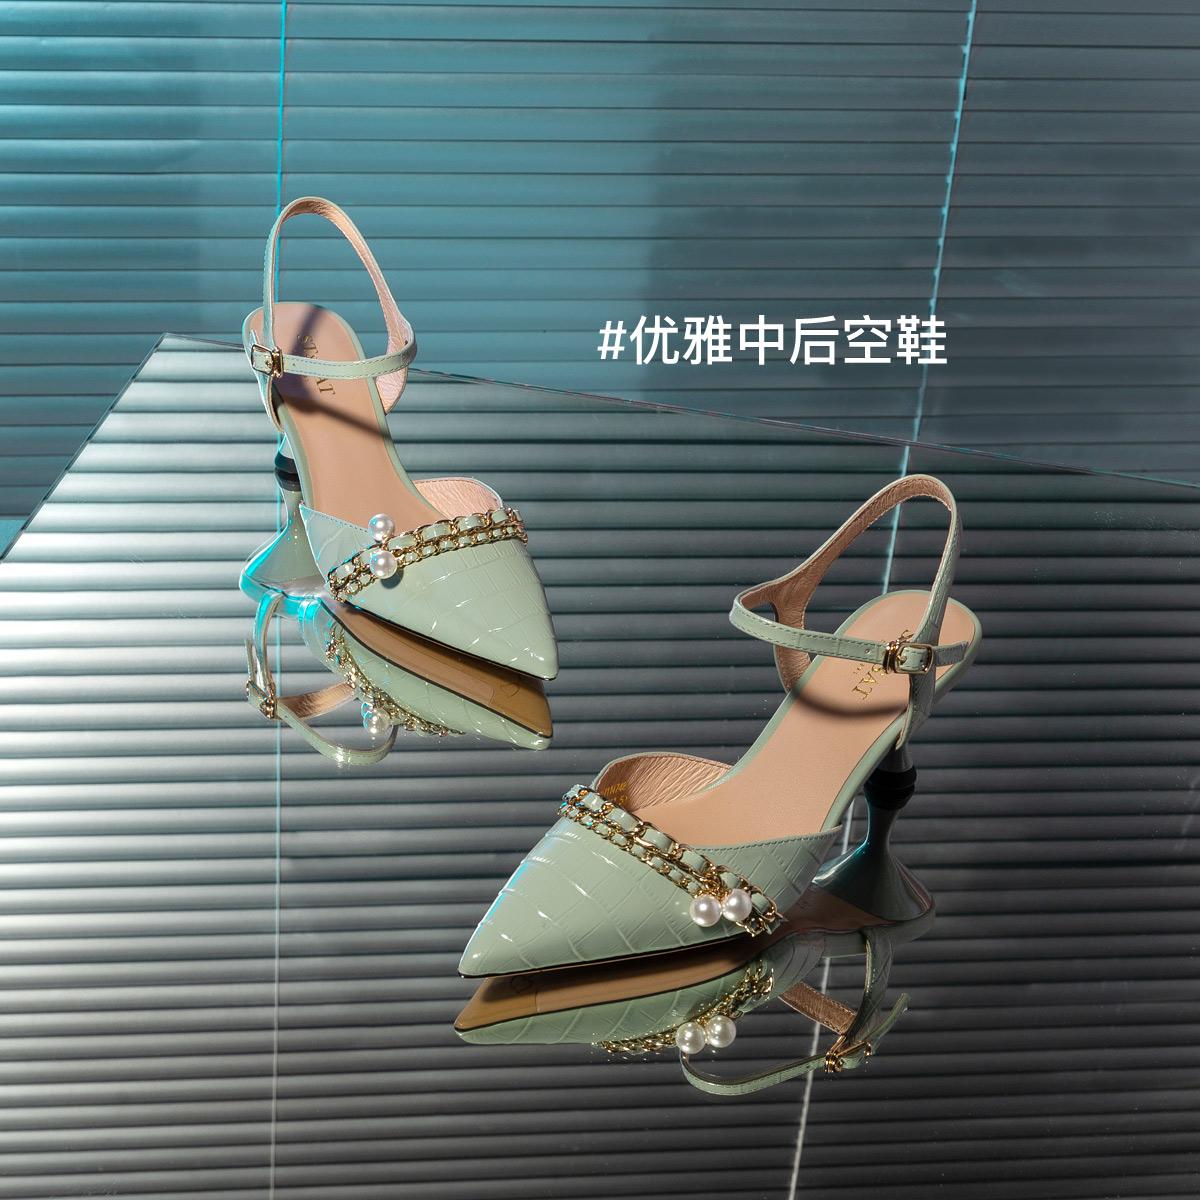 SS11114748 春夏新款时尚尖头优雅细高跟女鞋子 2021 星期六时装凉鞋